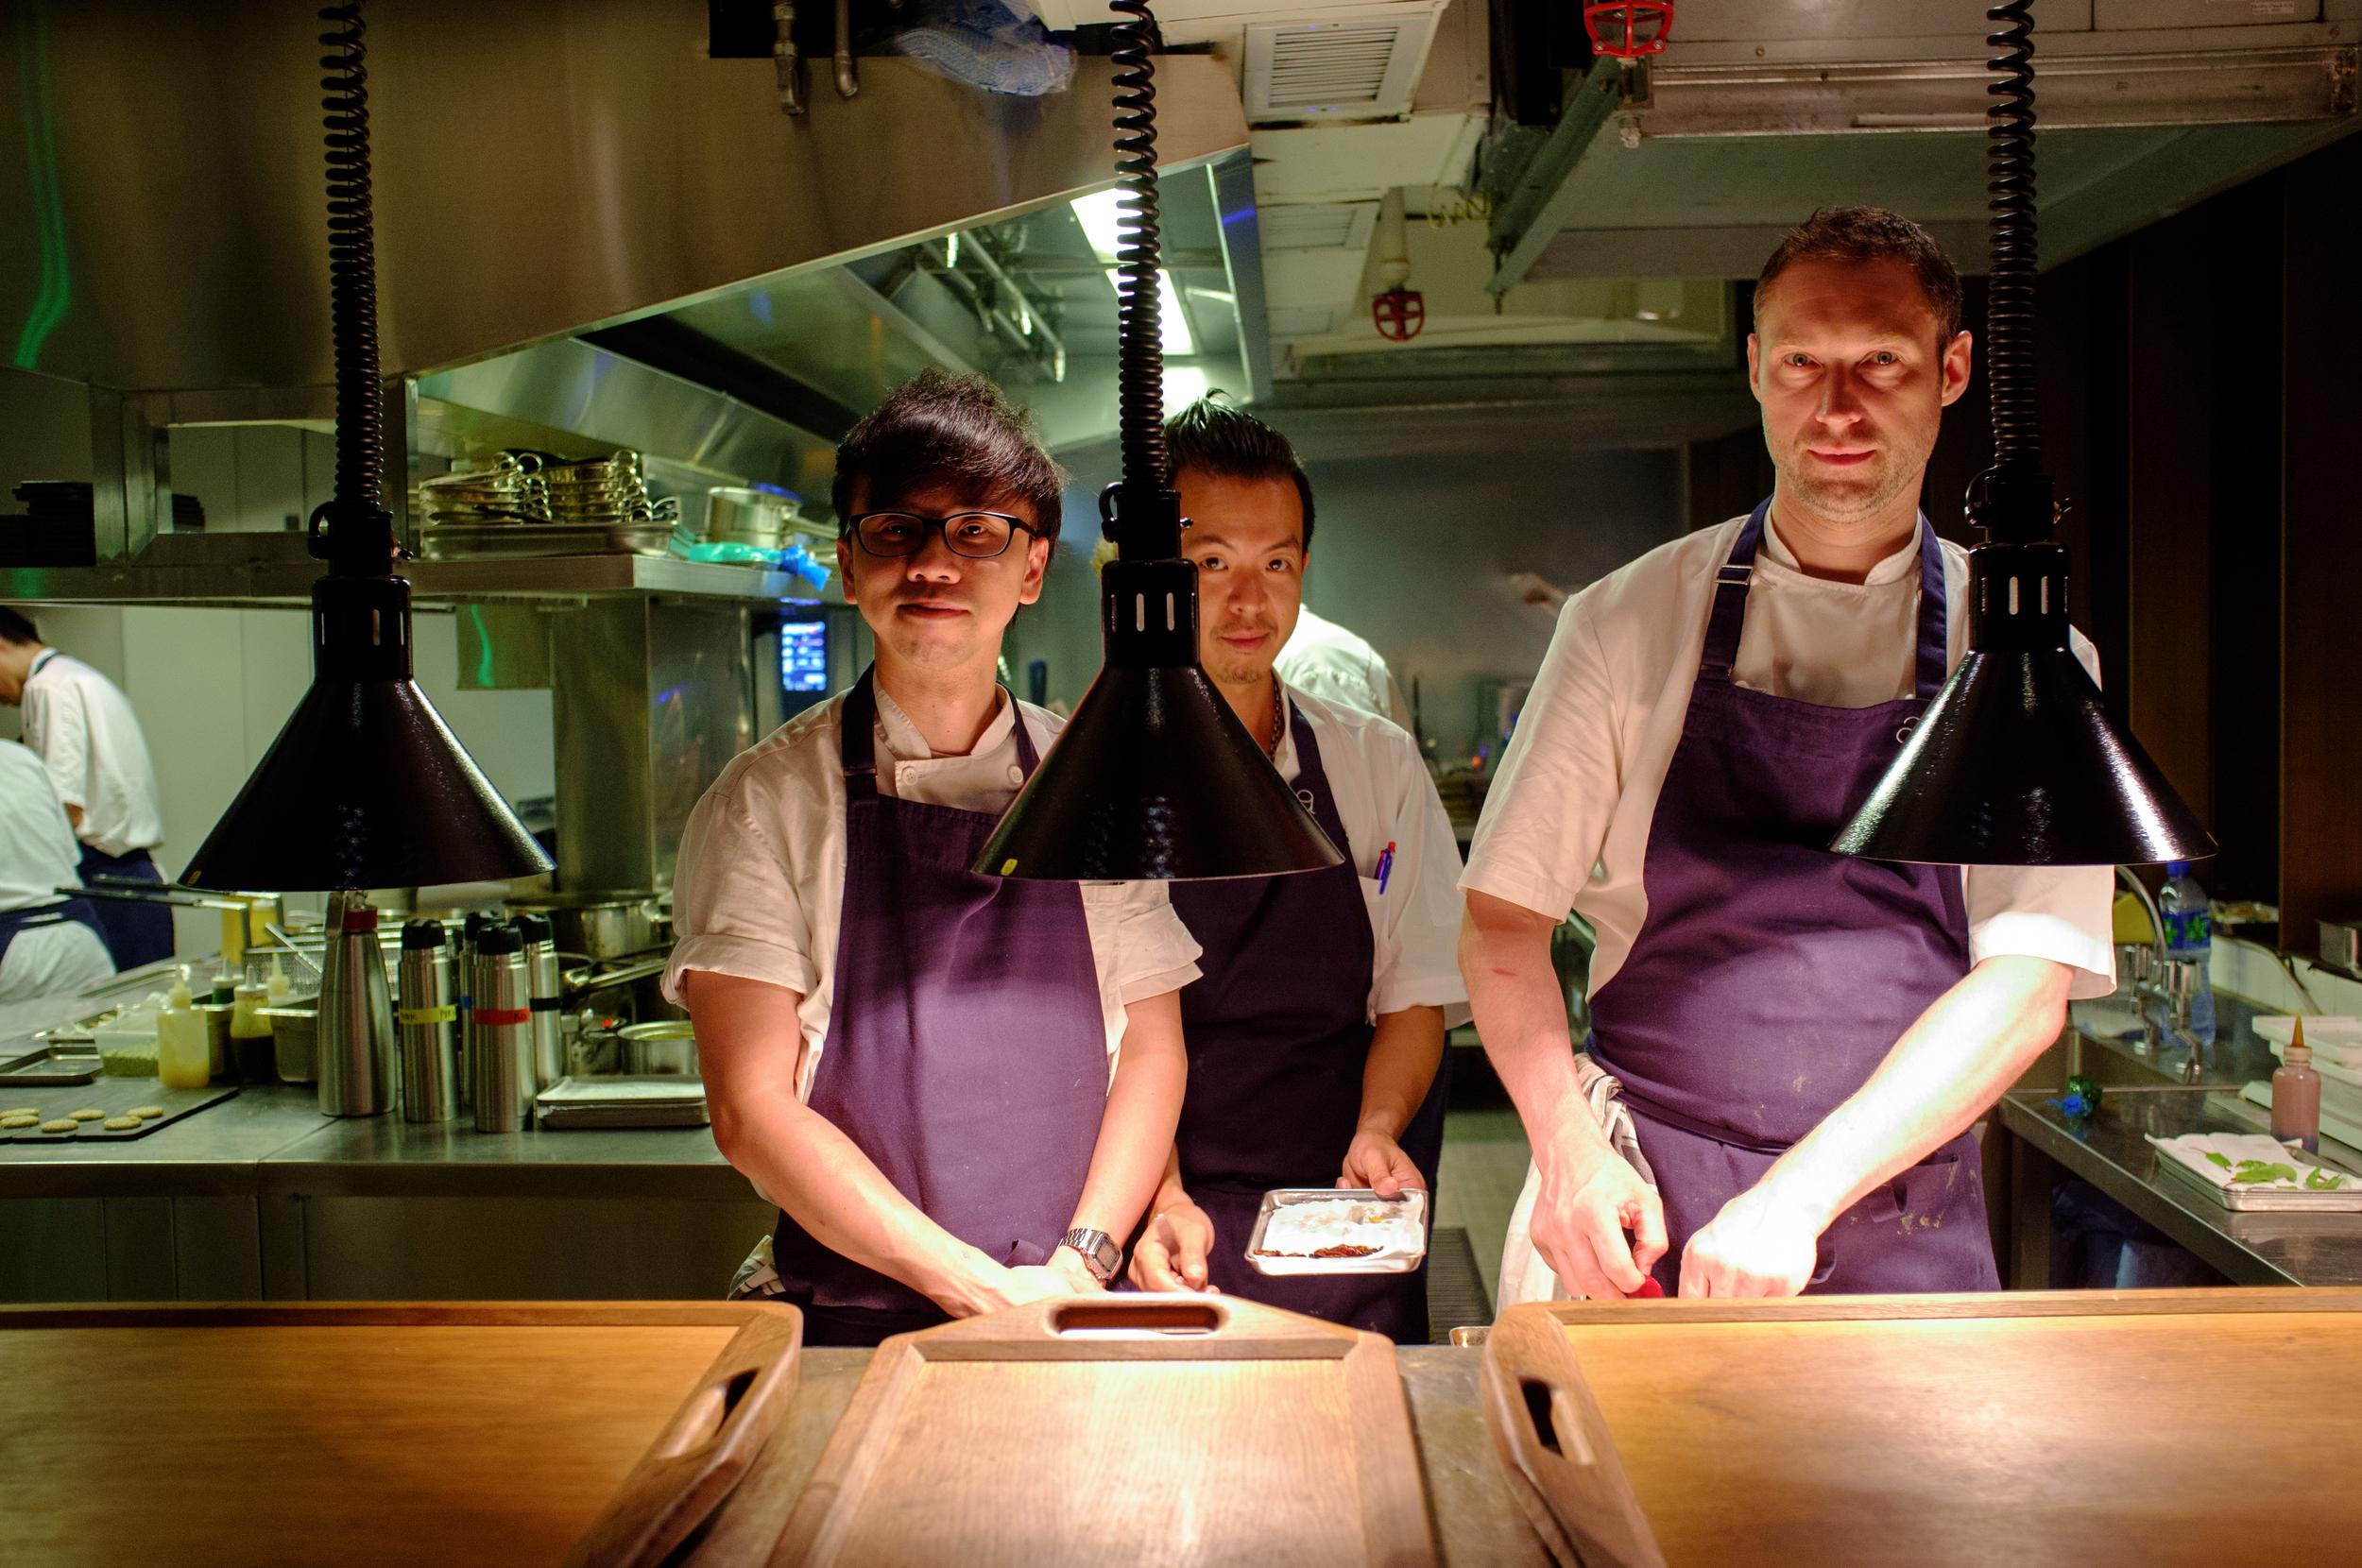 Chef Whitmore, far right